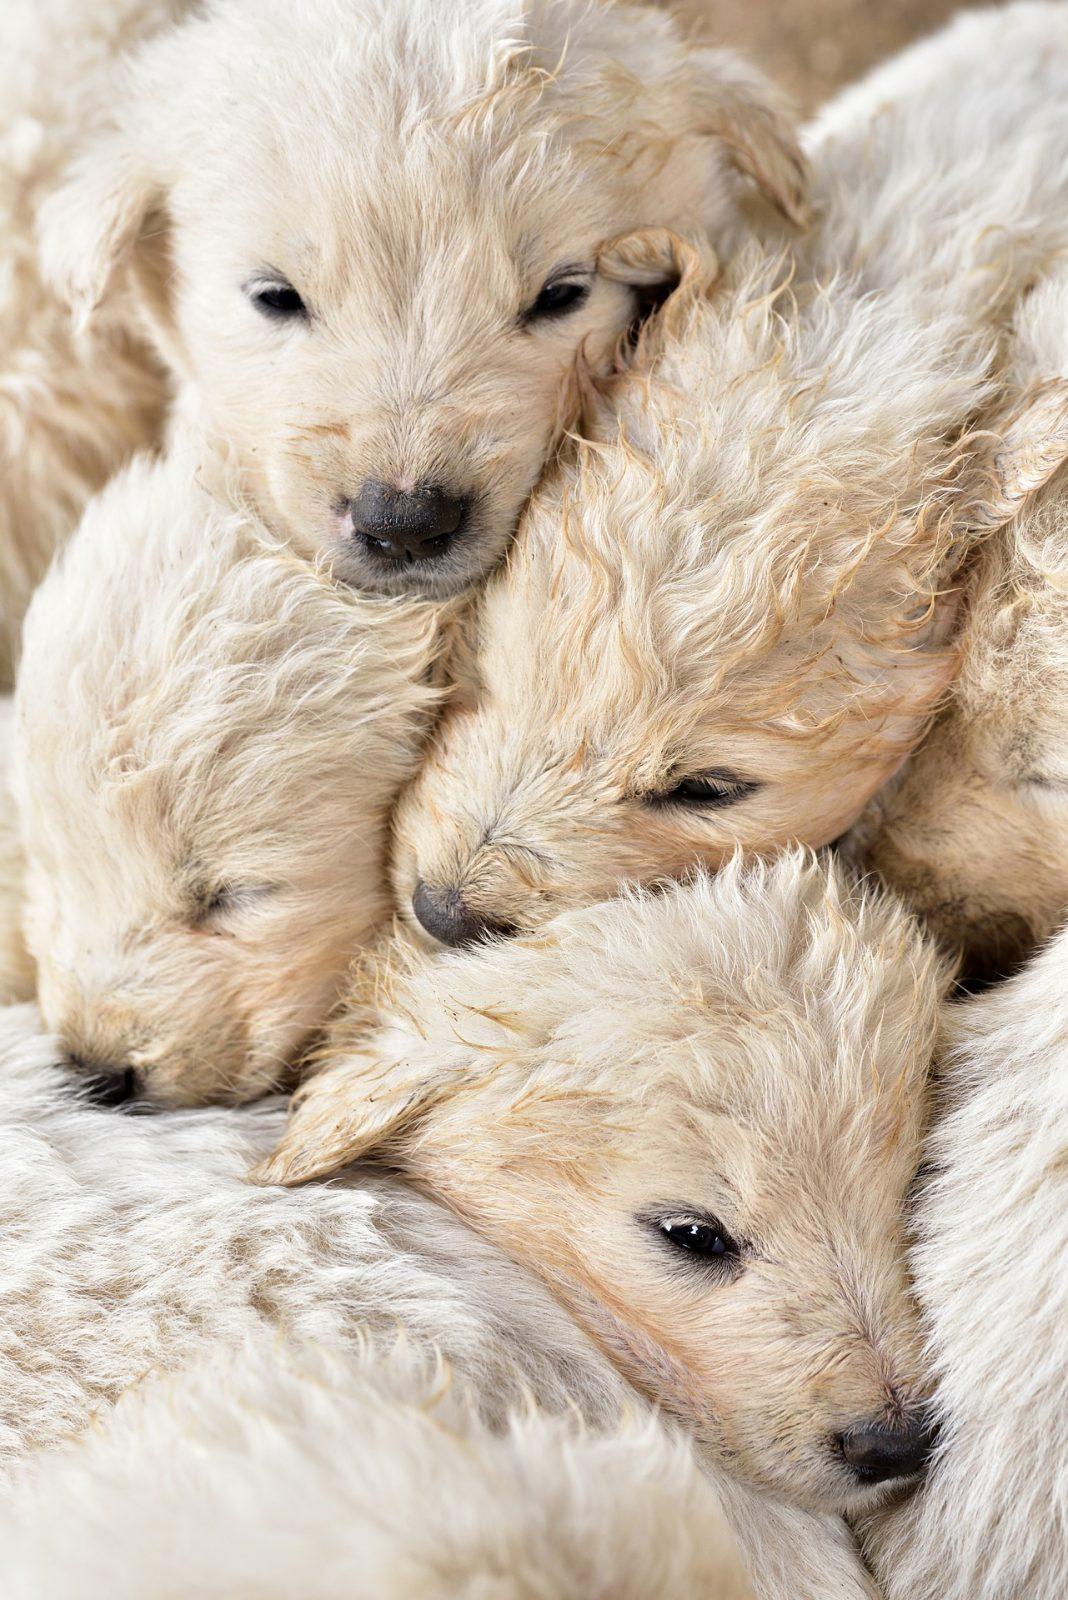 puppies 4231472 1920 - Cuidados com os filhotes de cães e gatos recém-nascidos